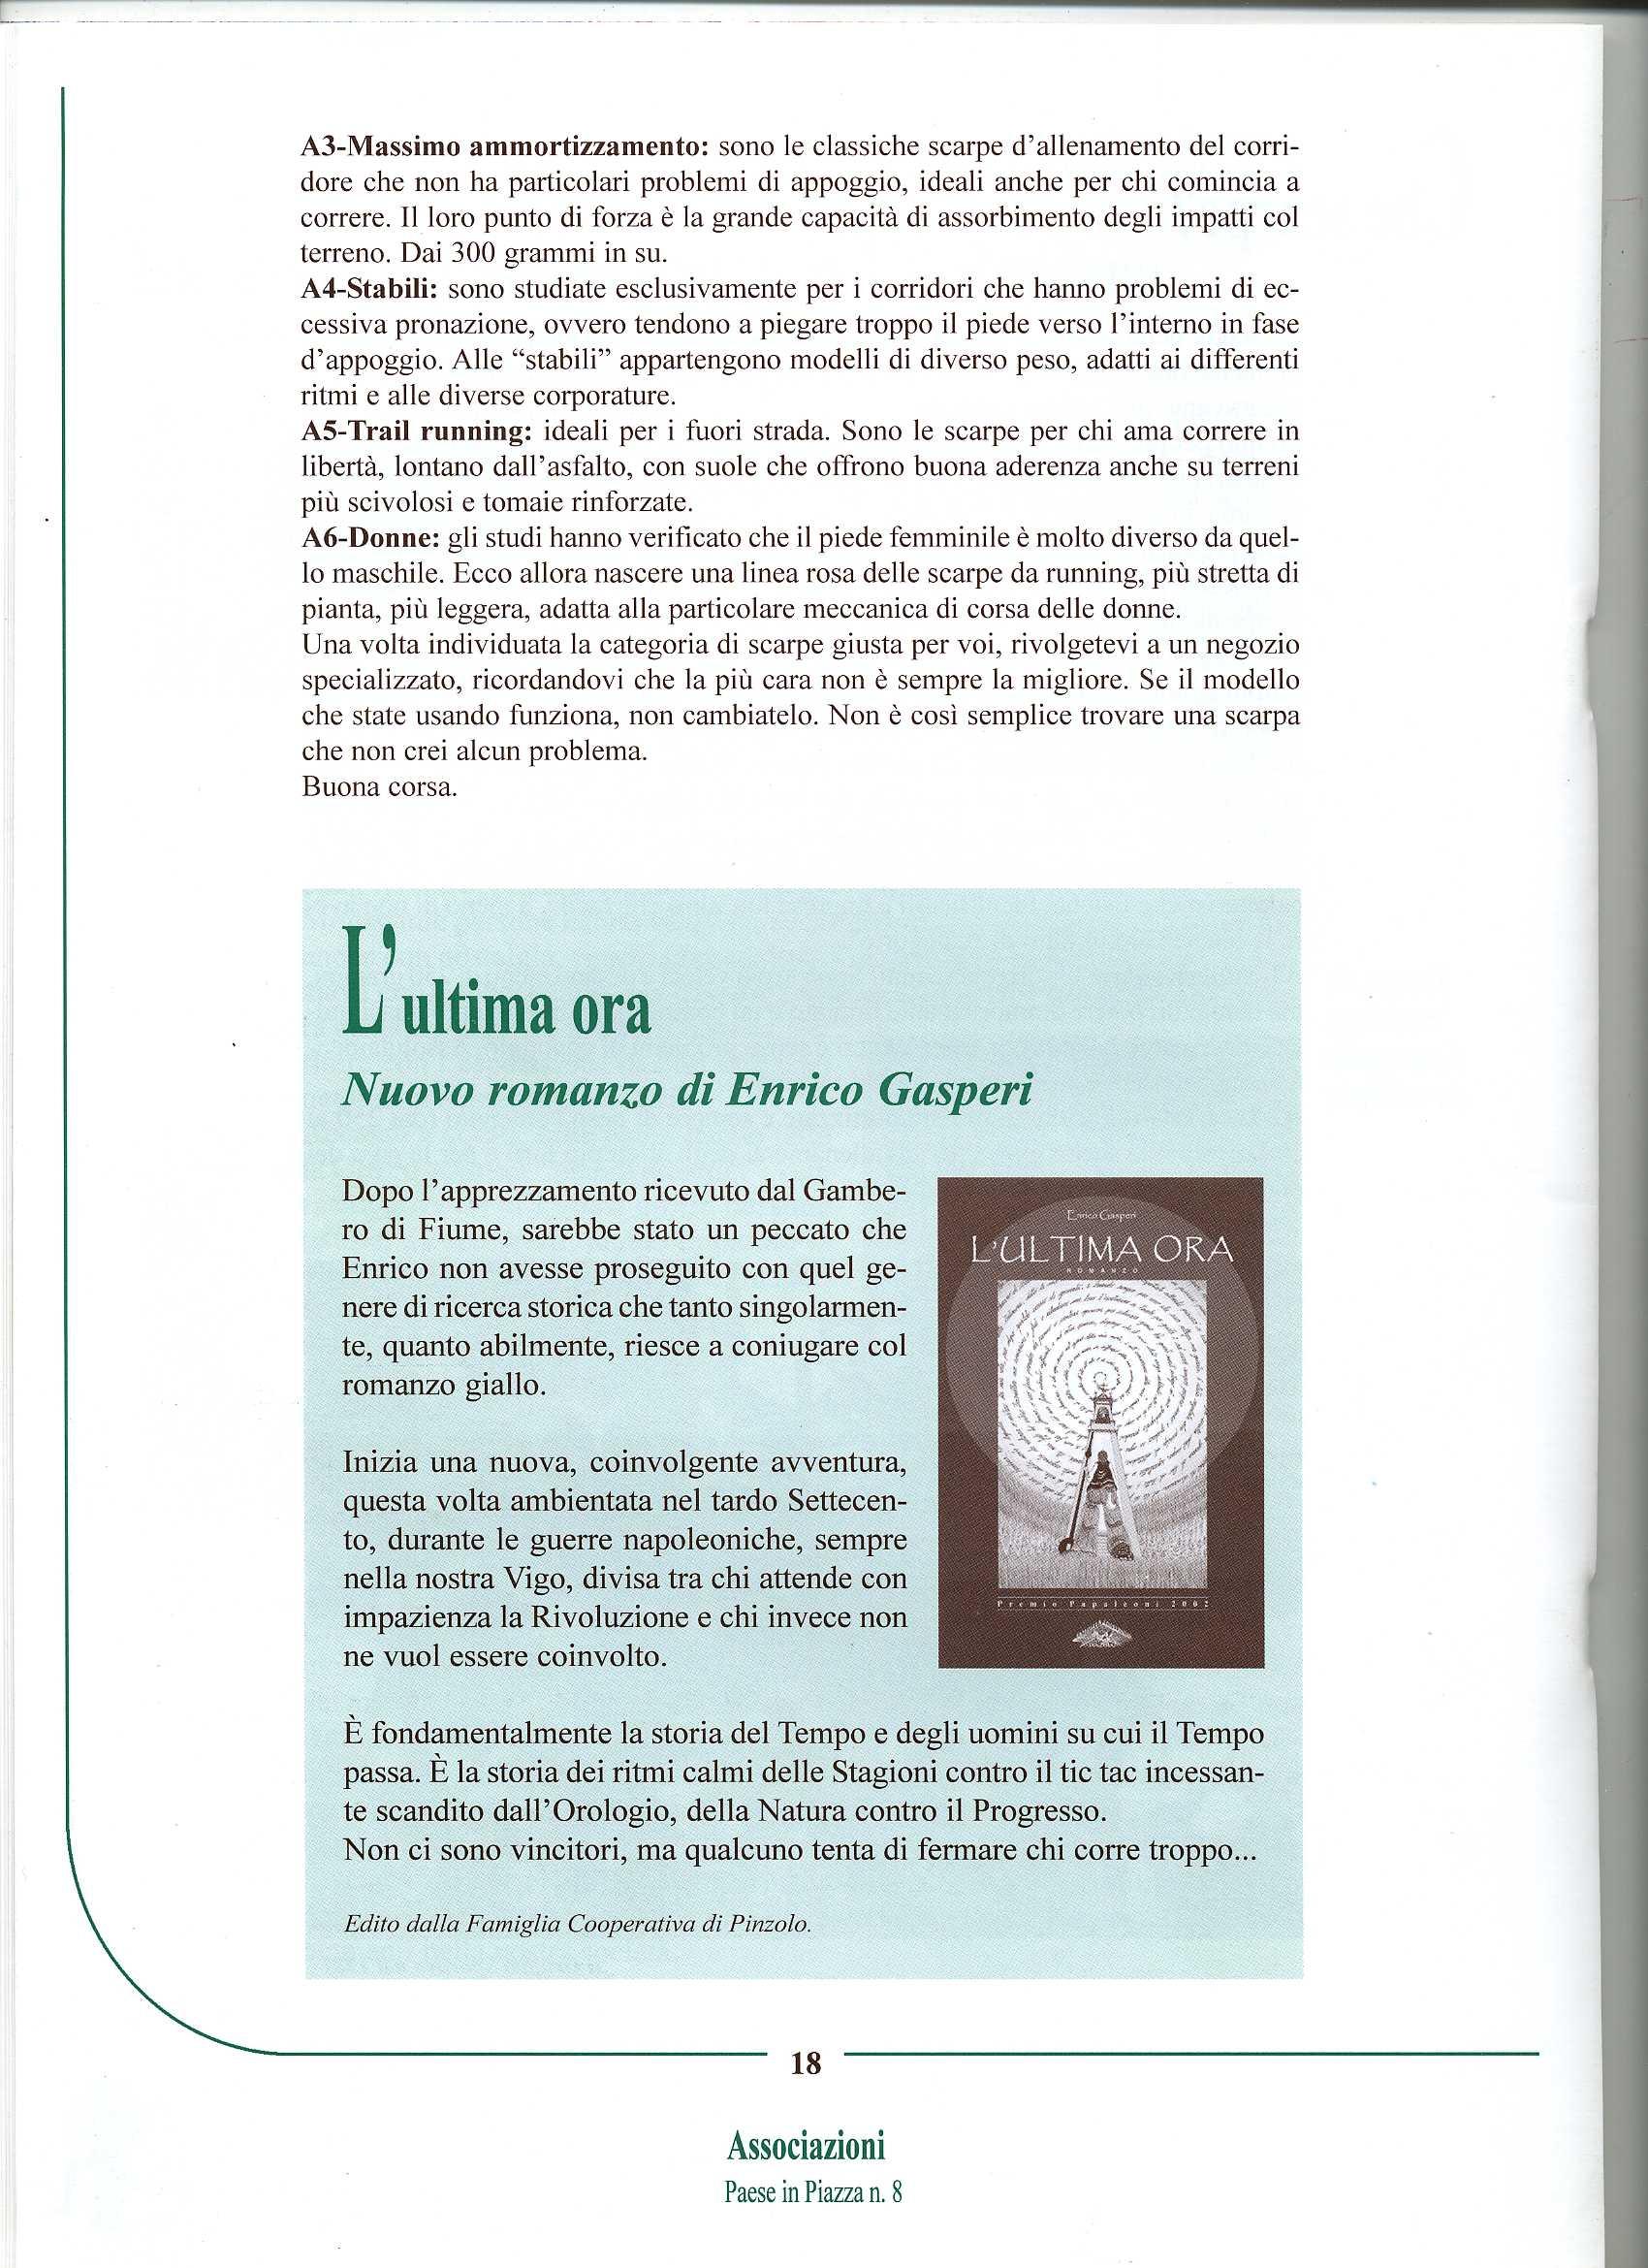 Enrico Gasperi_ paese in piazza  n. 8